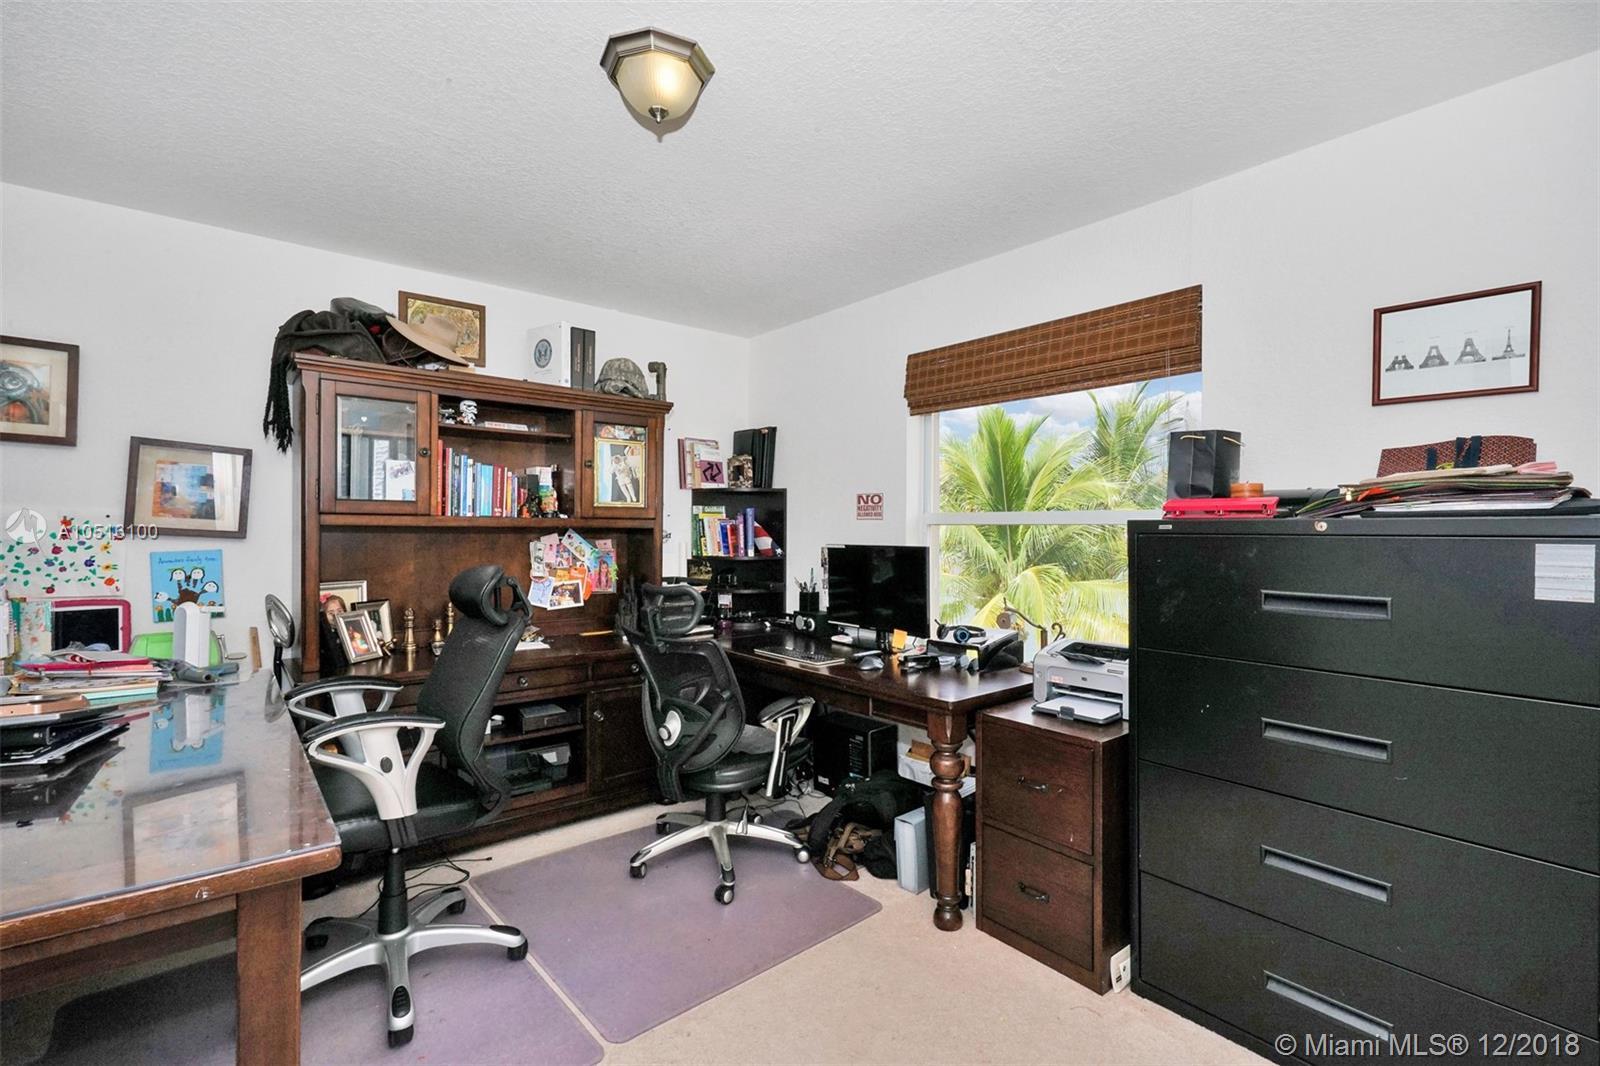 4477 Sw 183rd Ave, Miramar FL, 33029